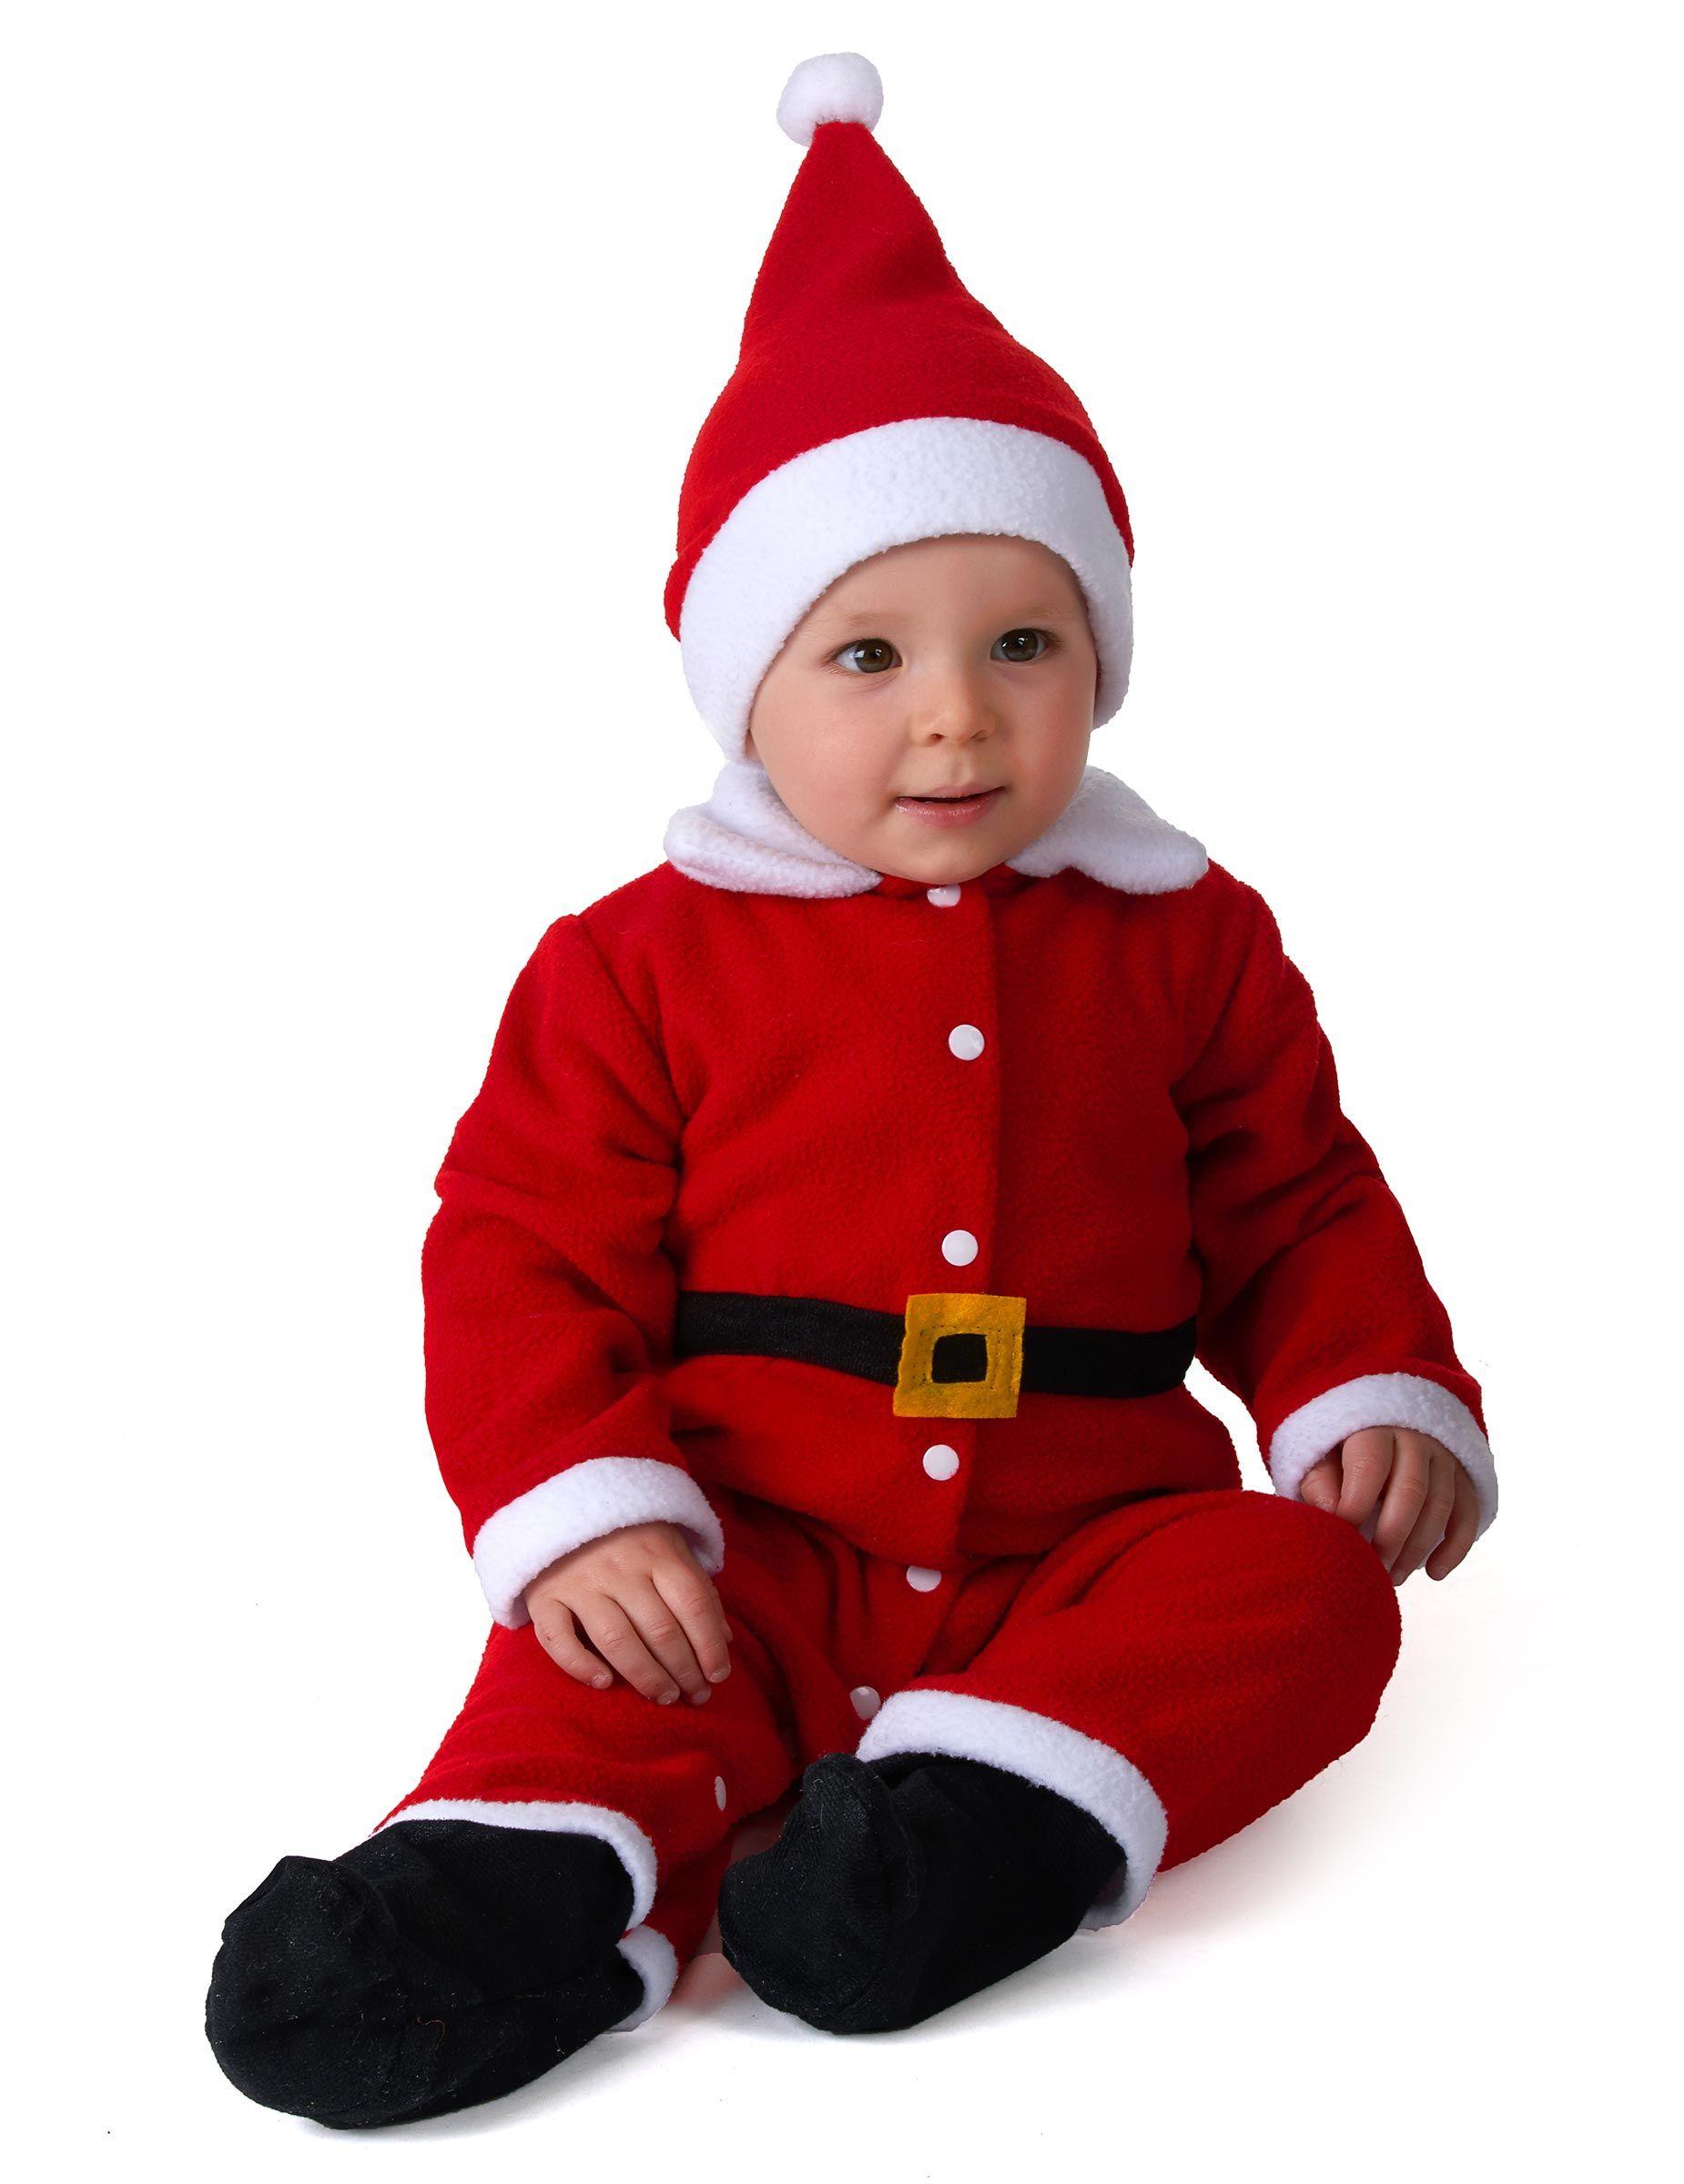 Foto Di Natale Neonati.Costume Tuta Babbo Natale Per Neonato Bambini E Bambole